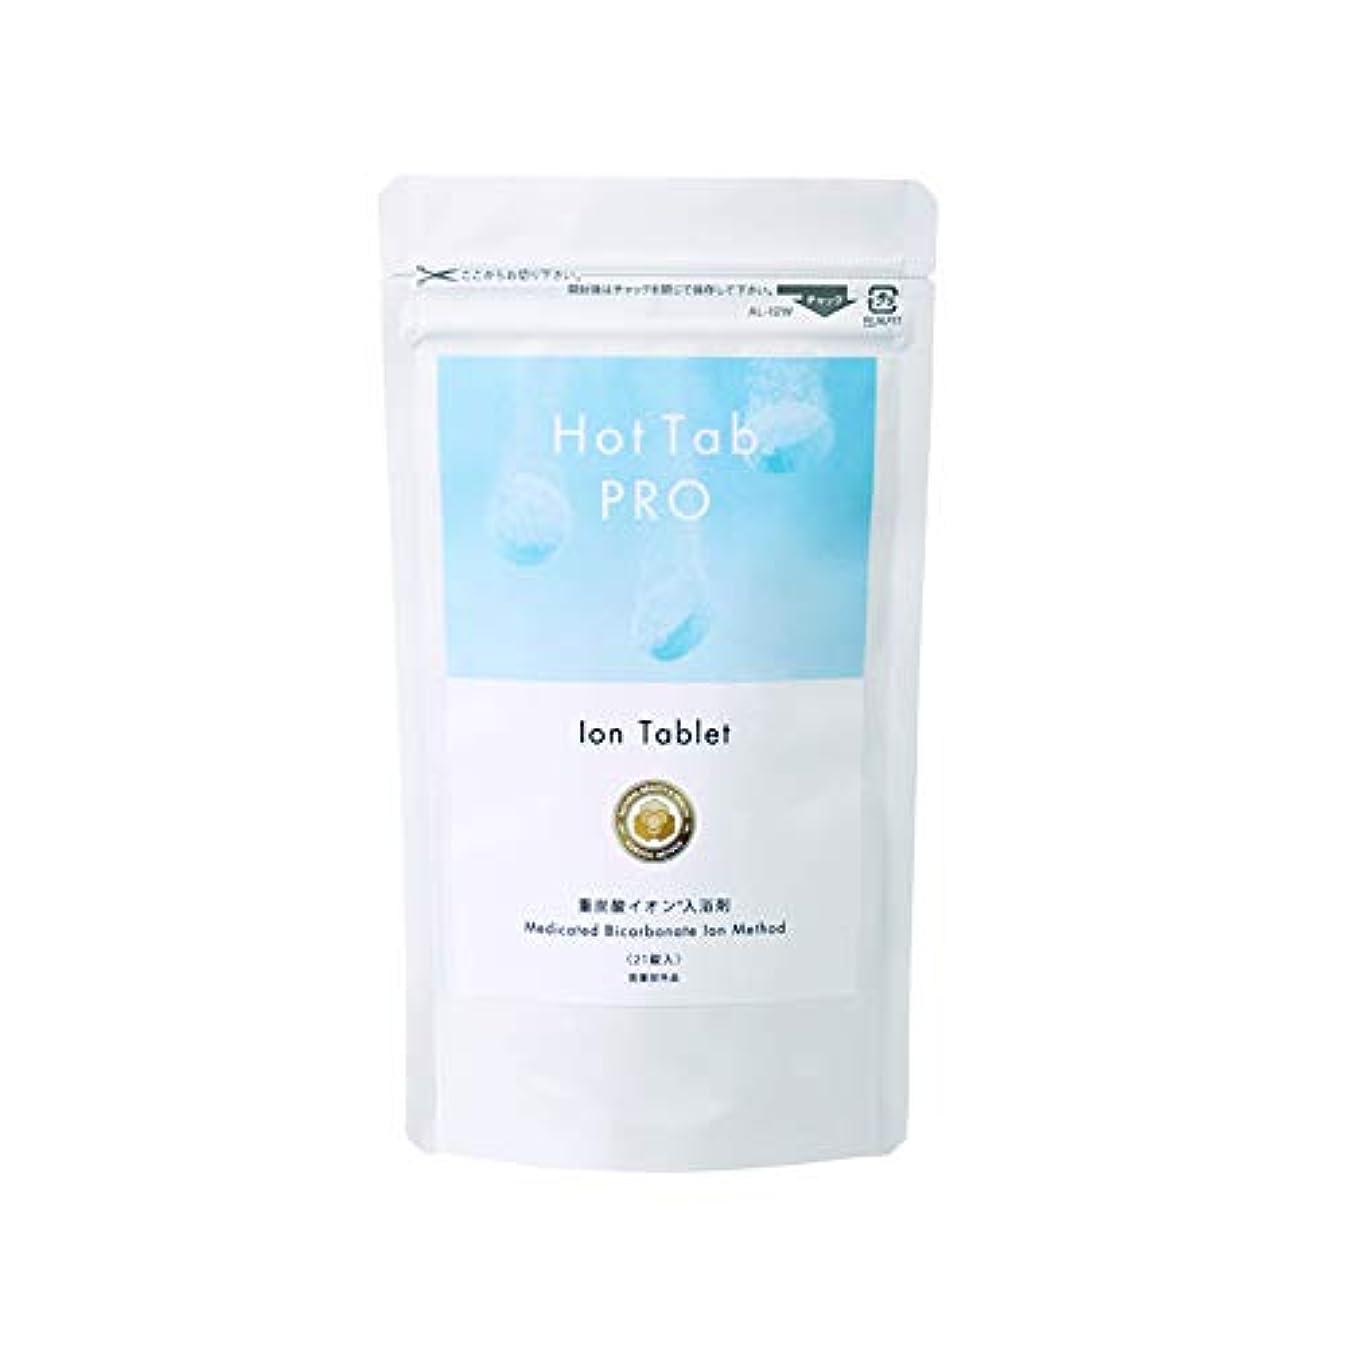 ポルティコ薄い繰り返し最新型 日本製なめらか重炭酸入浴剤「ホットタブPro」(デリケートな肌でも安心 無香料 無着色 中性pH) (21錠セット)